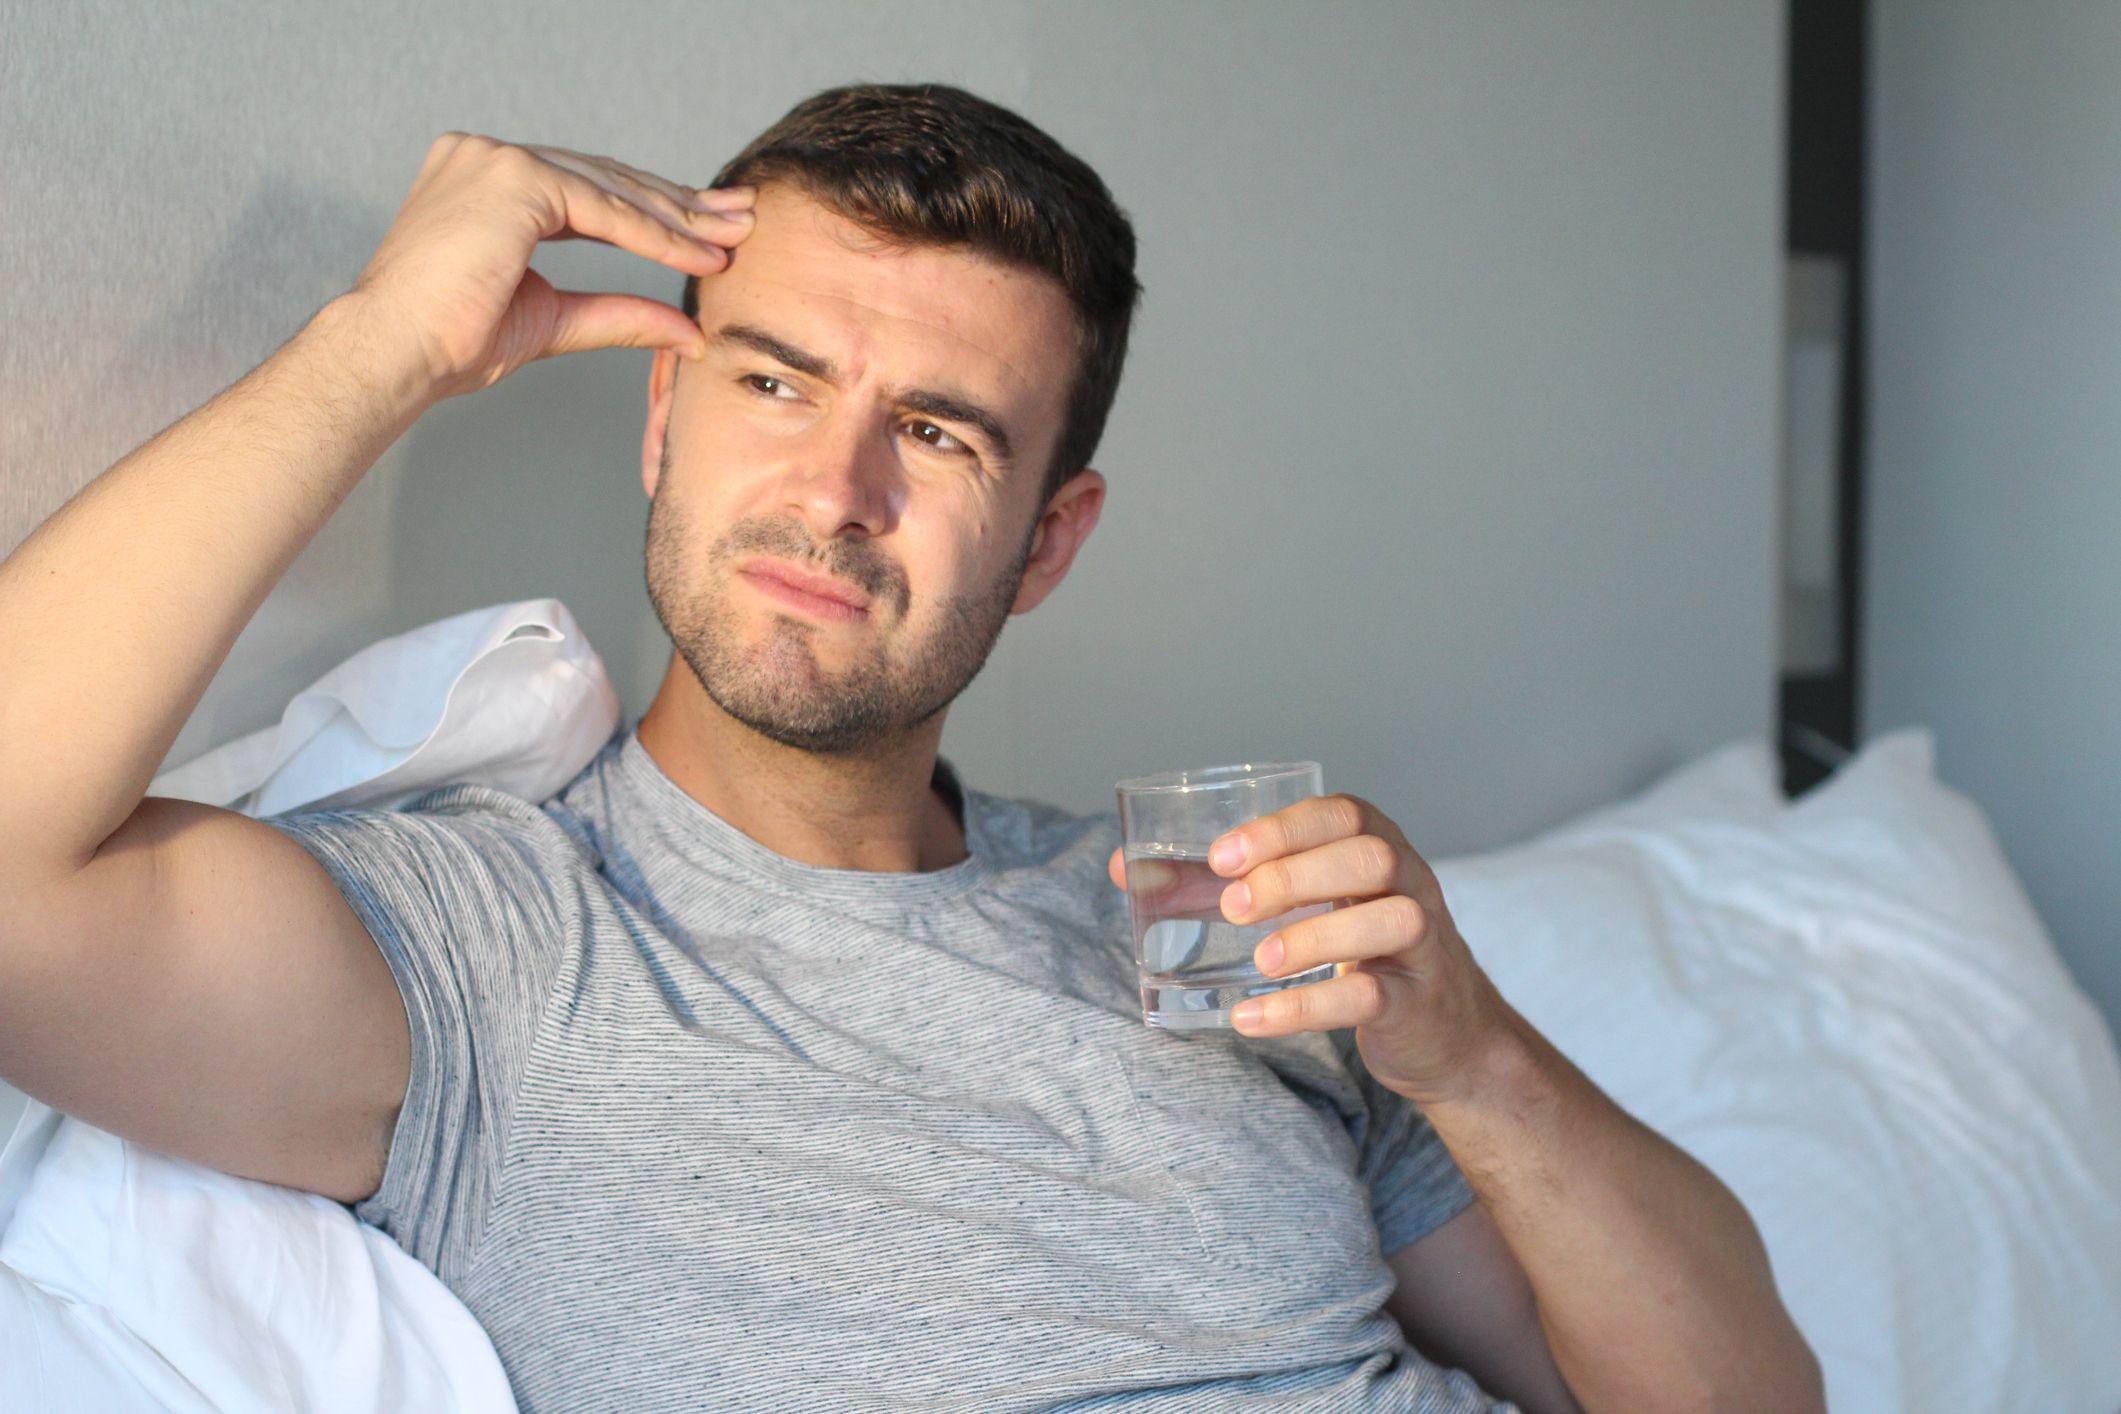 Risperidone (Risperdal): an antipsychotic medicine